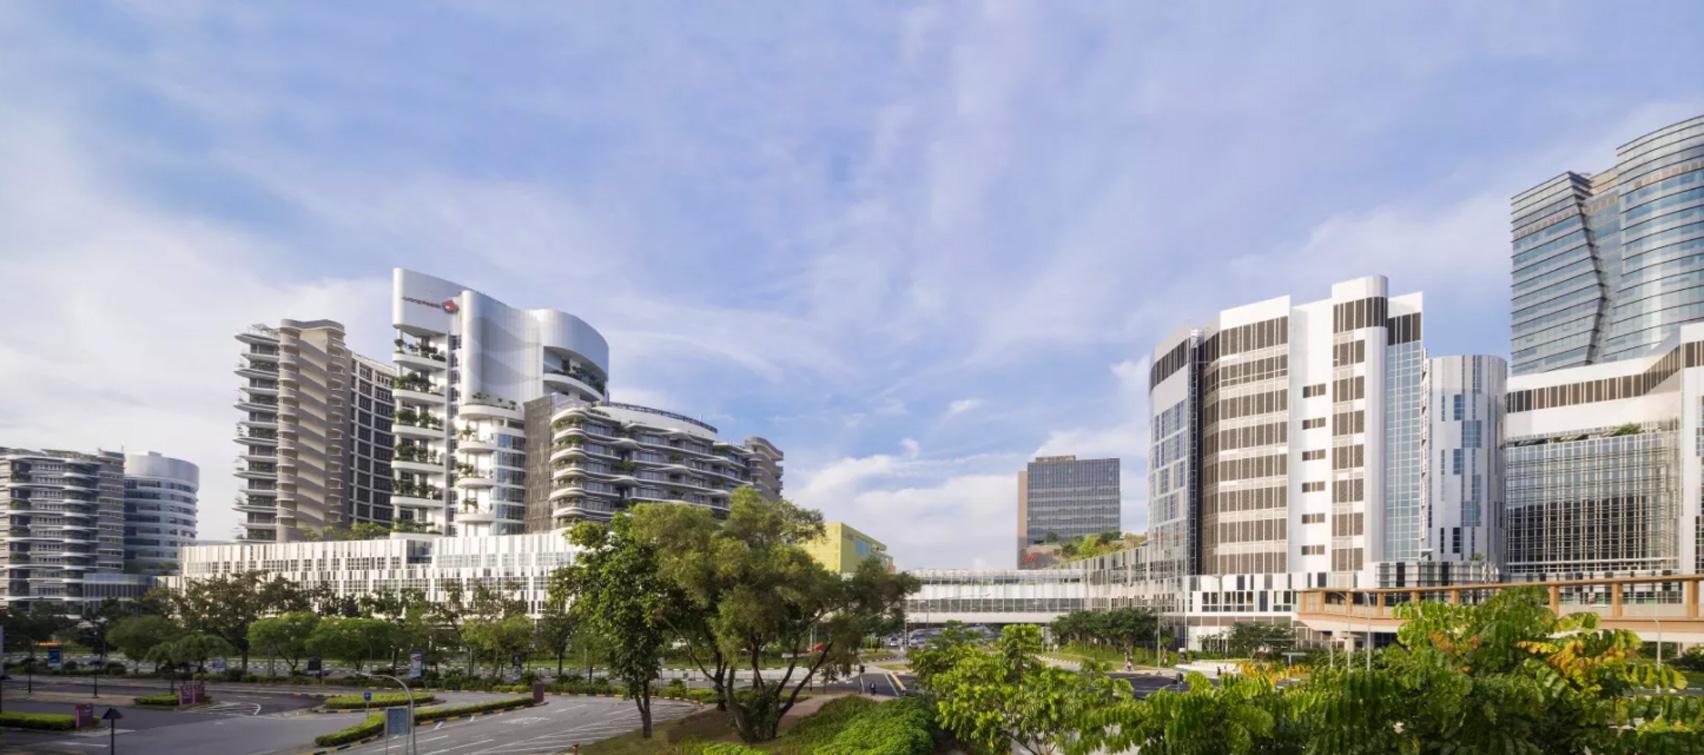 Ng Teng Fong General Hospital & Jurong Community Hospital